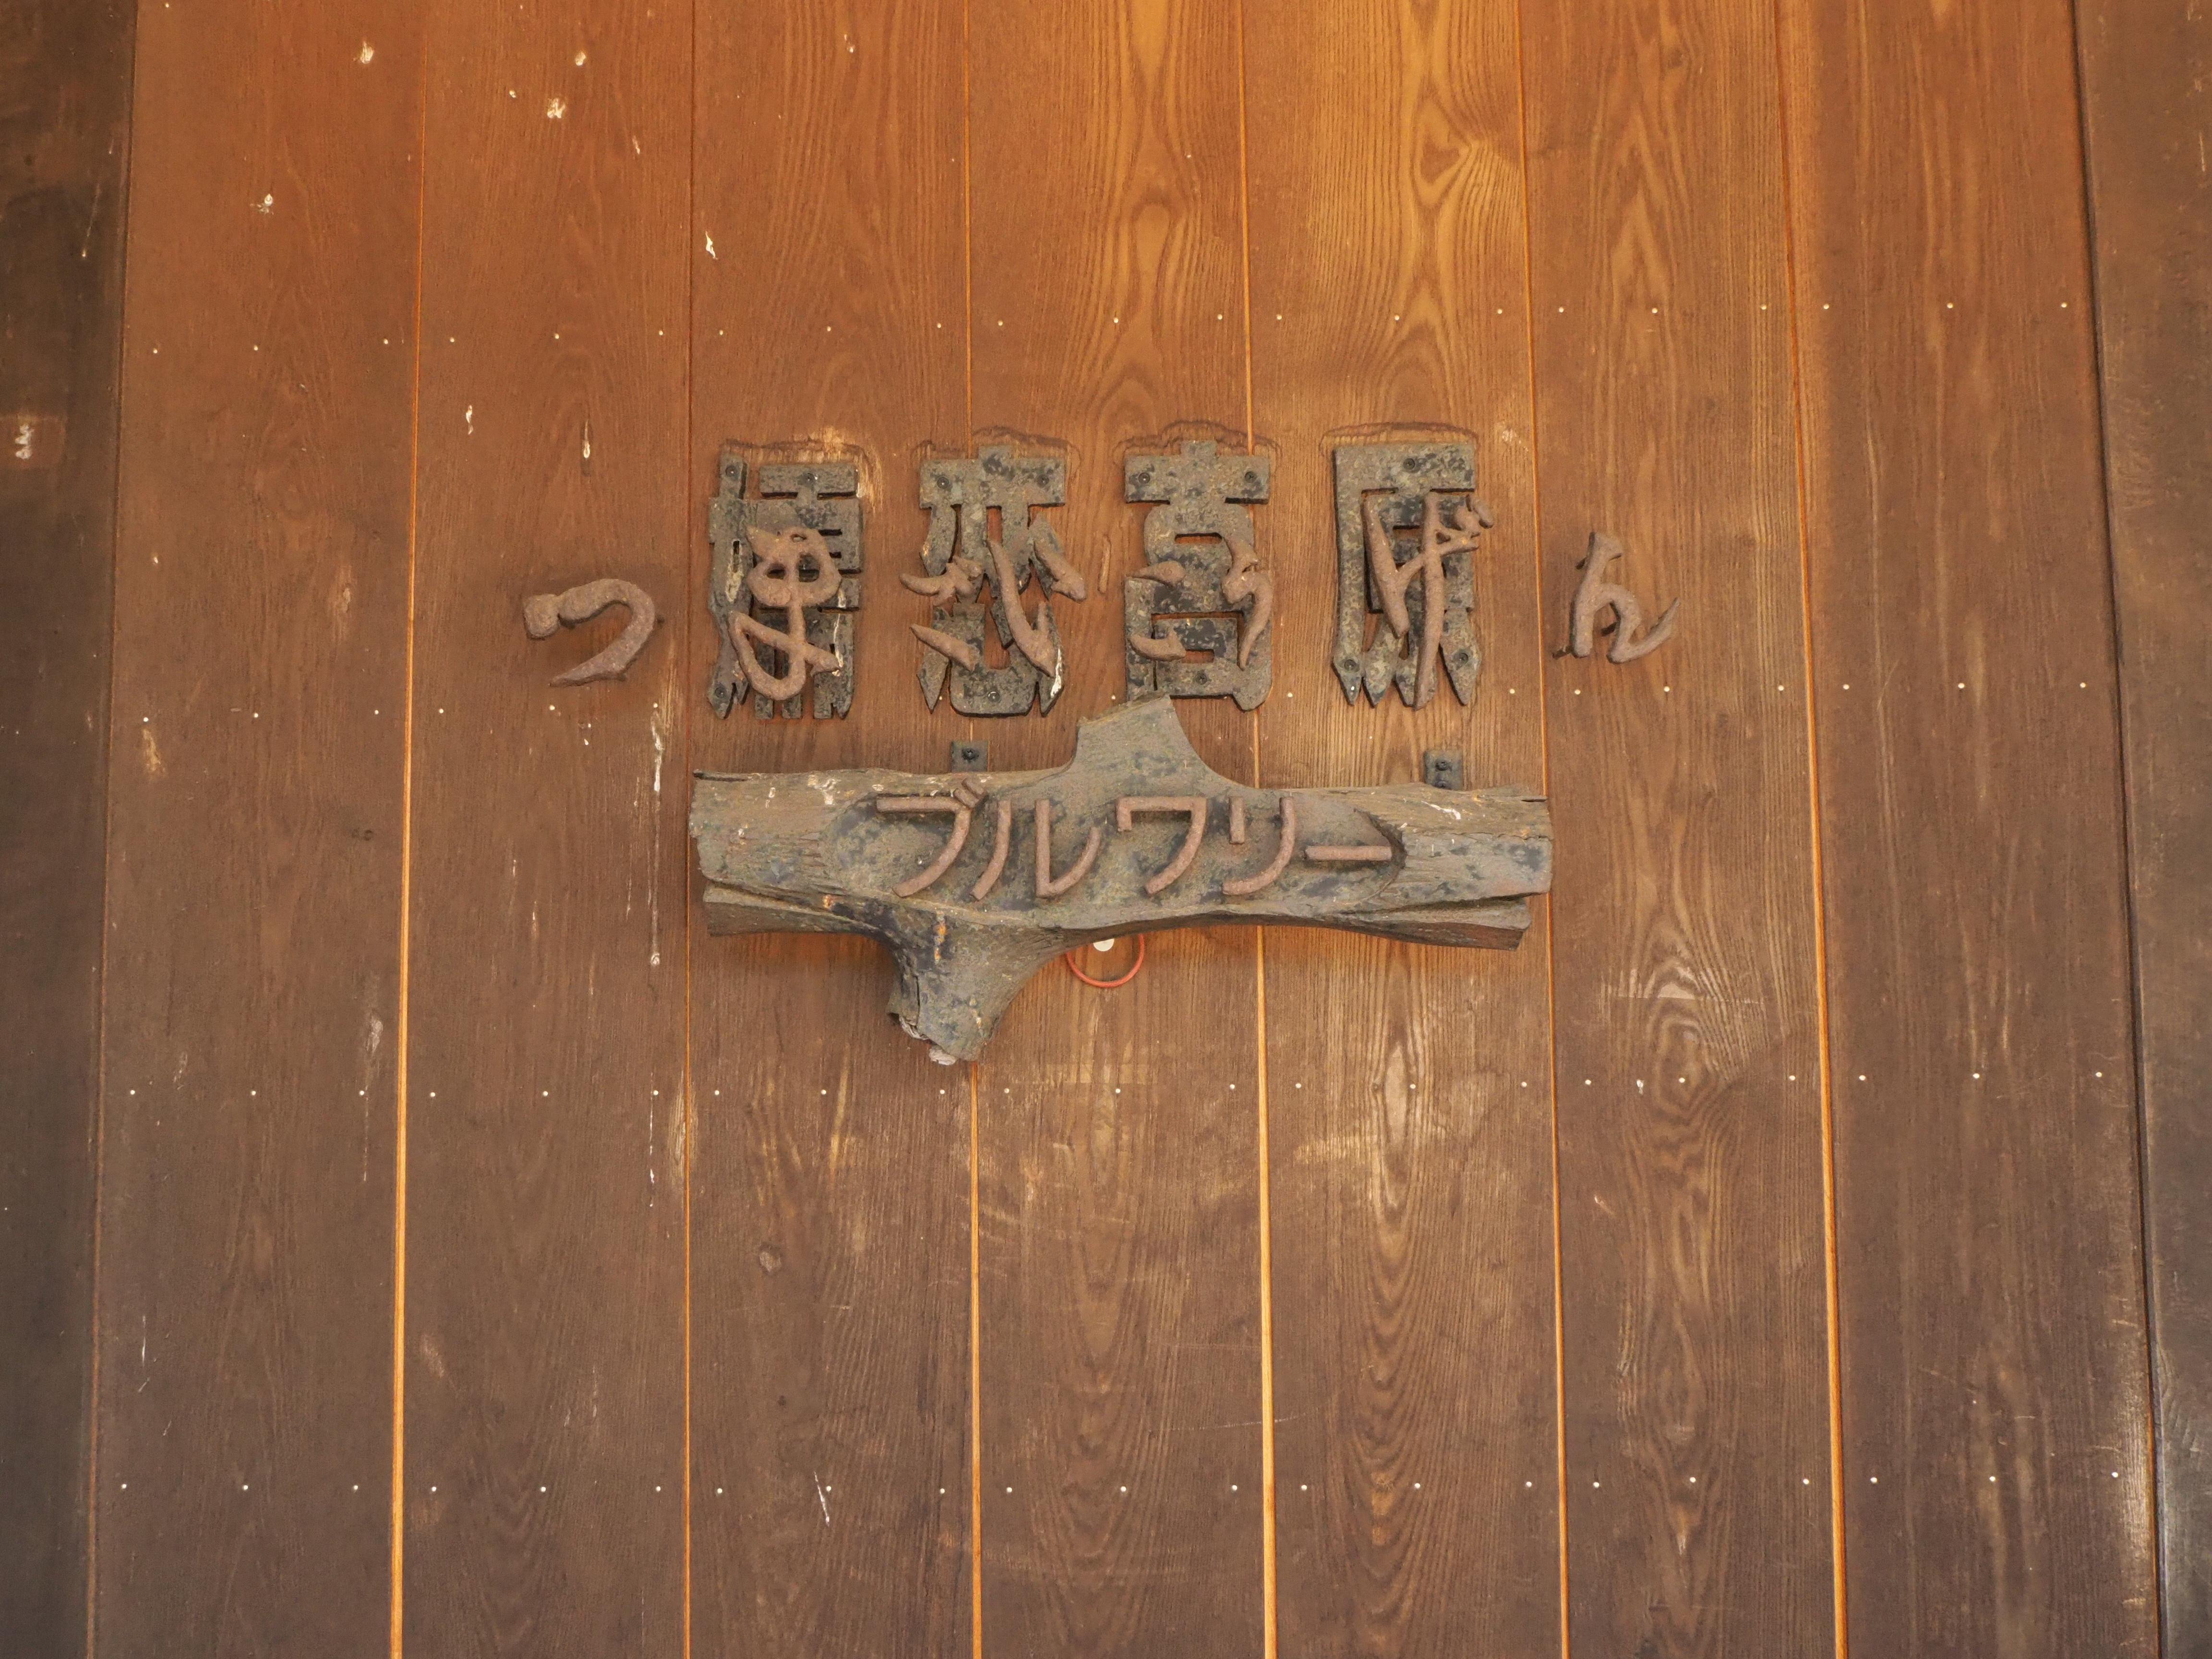 嬬恋高原ブルワリー 入り口